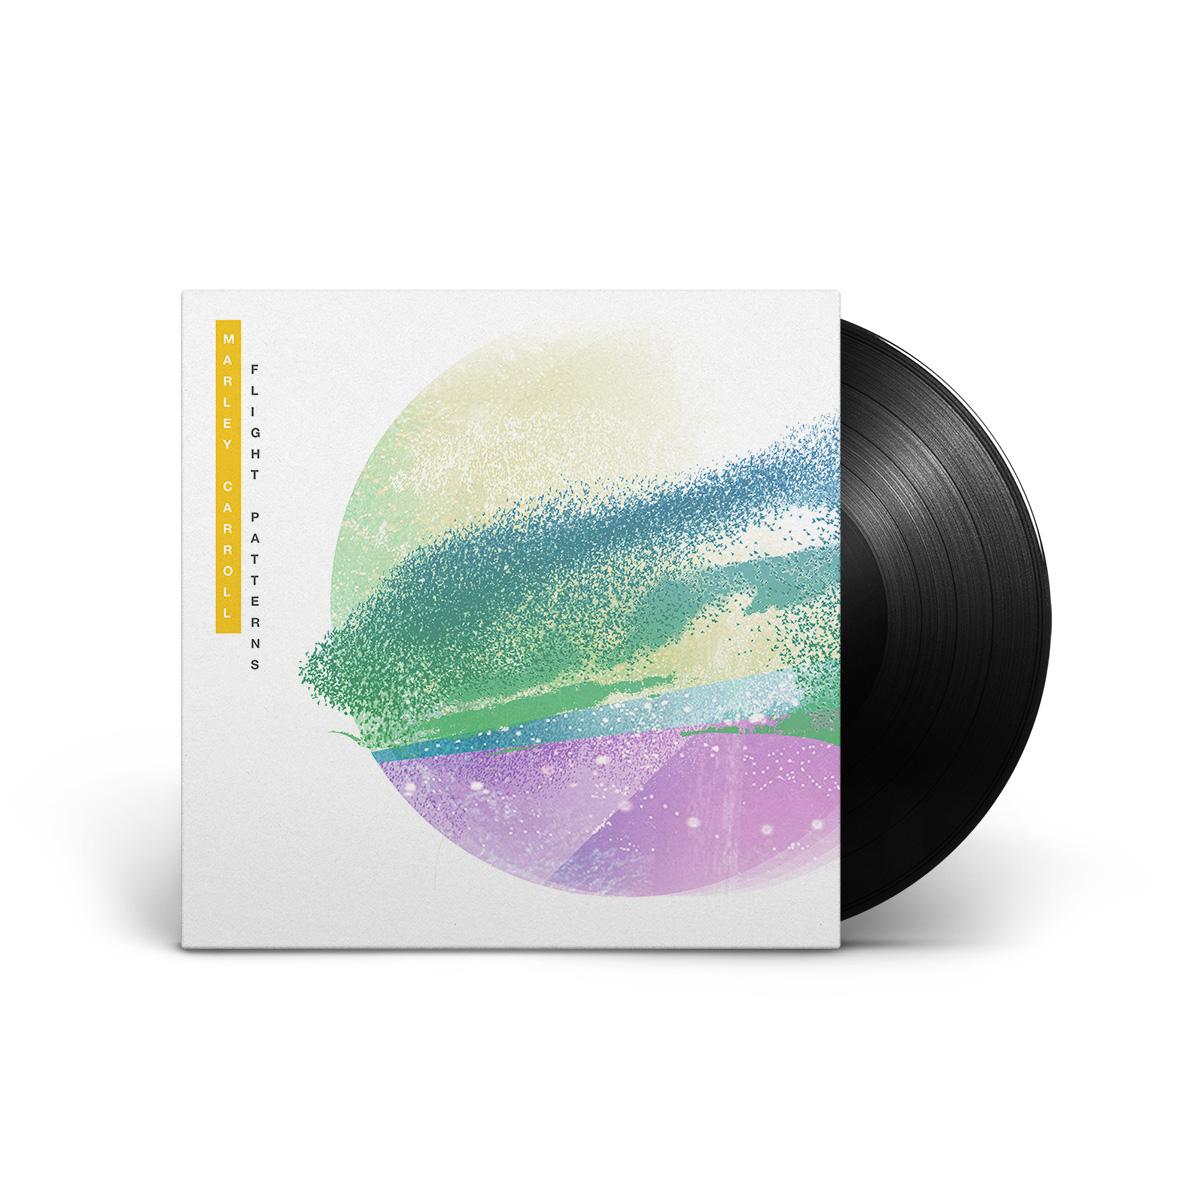 Marley Carroll - Flight Patterns LP